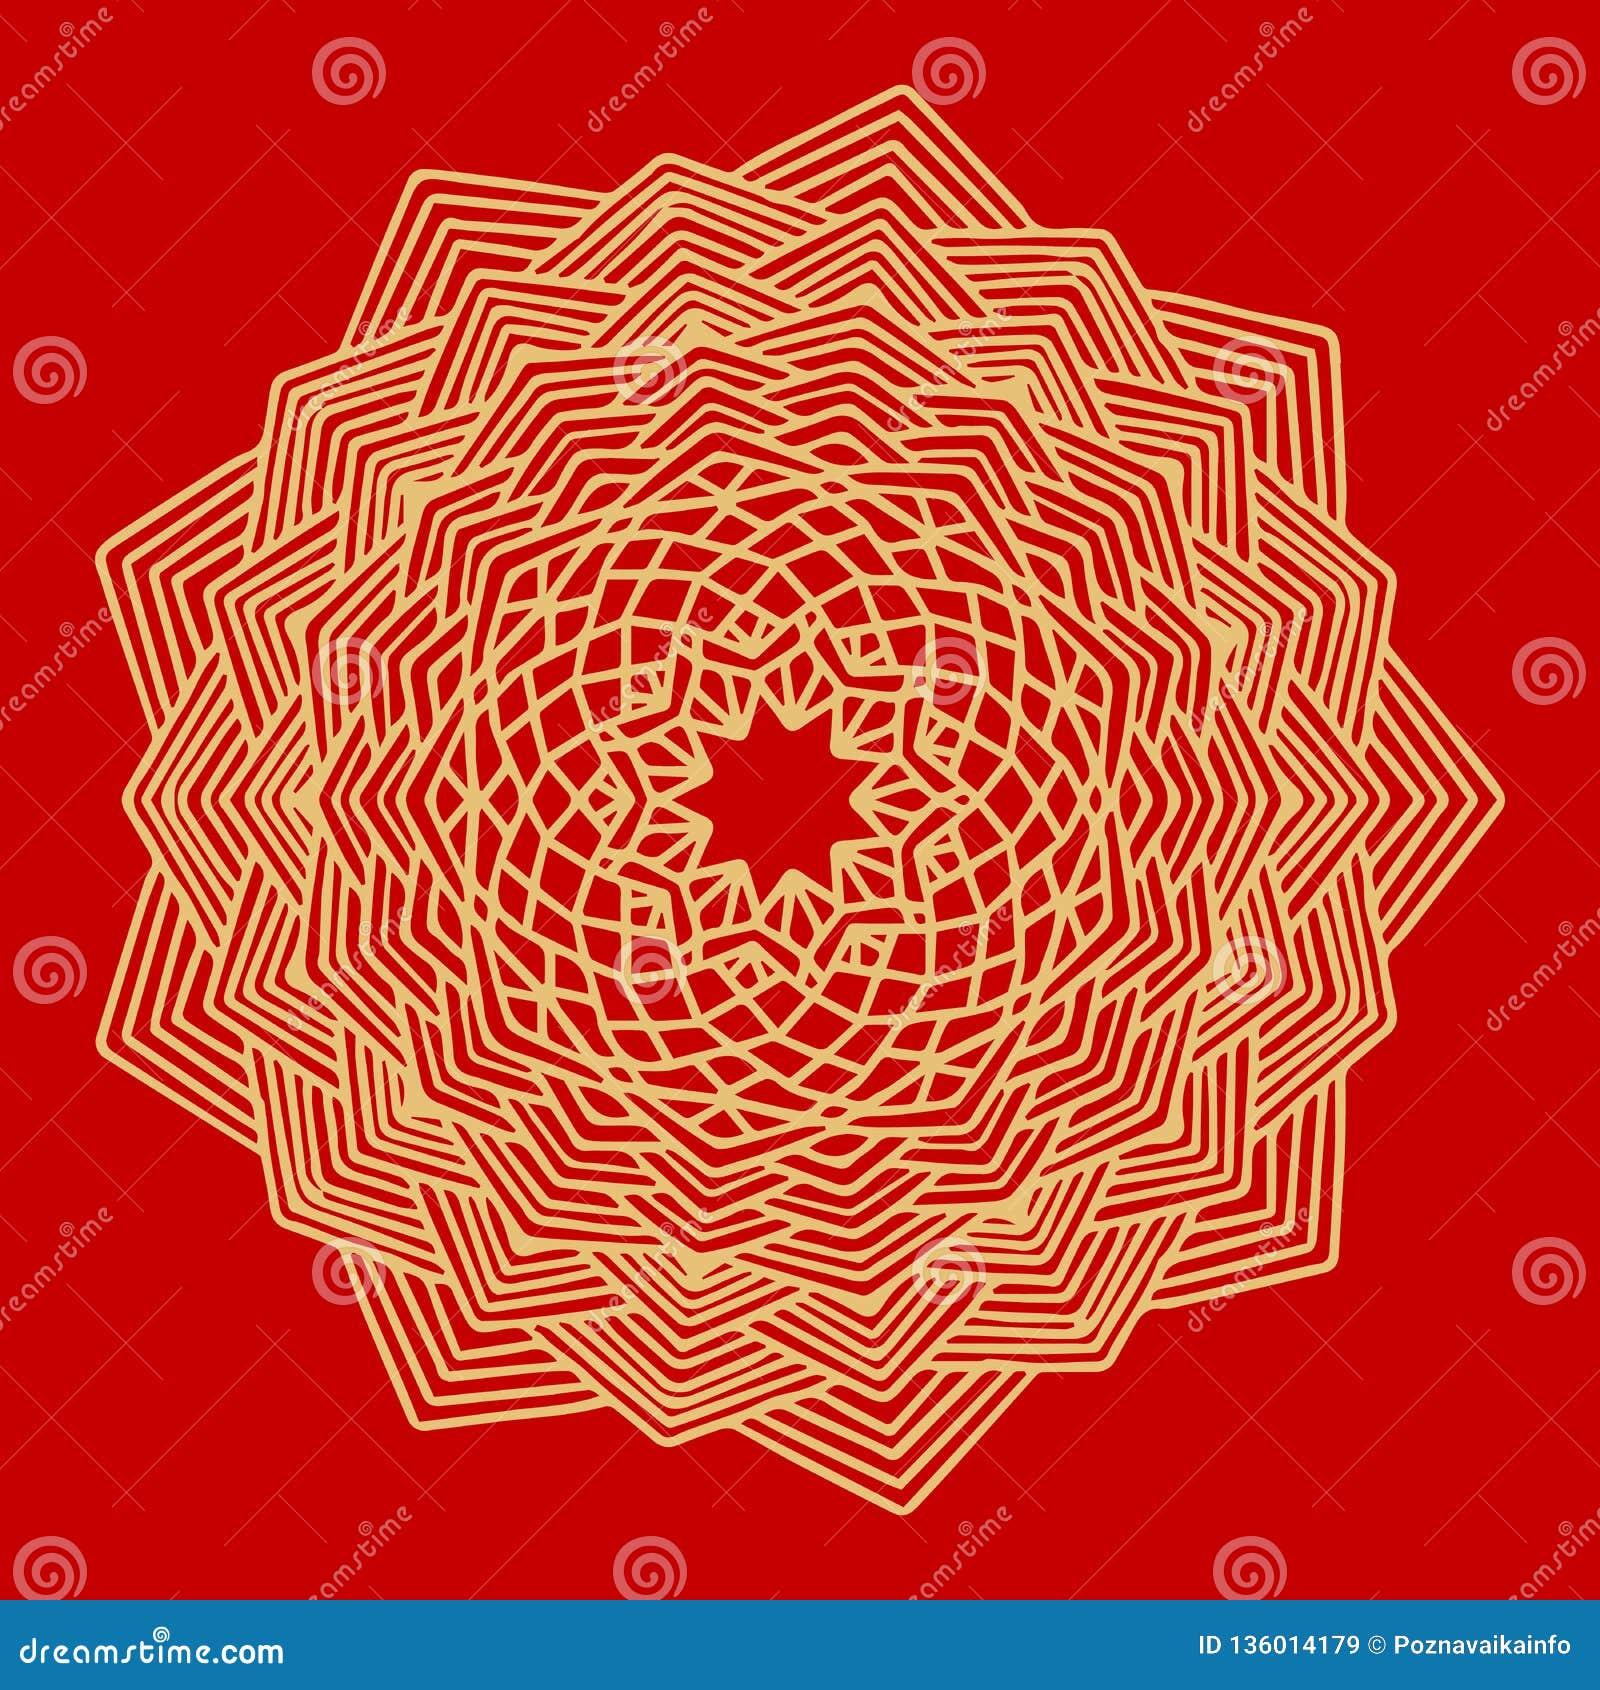 Bloem Gouden Mandala Uitstekende decoratieve elementen Oosters patroon, vectorillustratie Indisch ornament Geïsoleerd op a